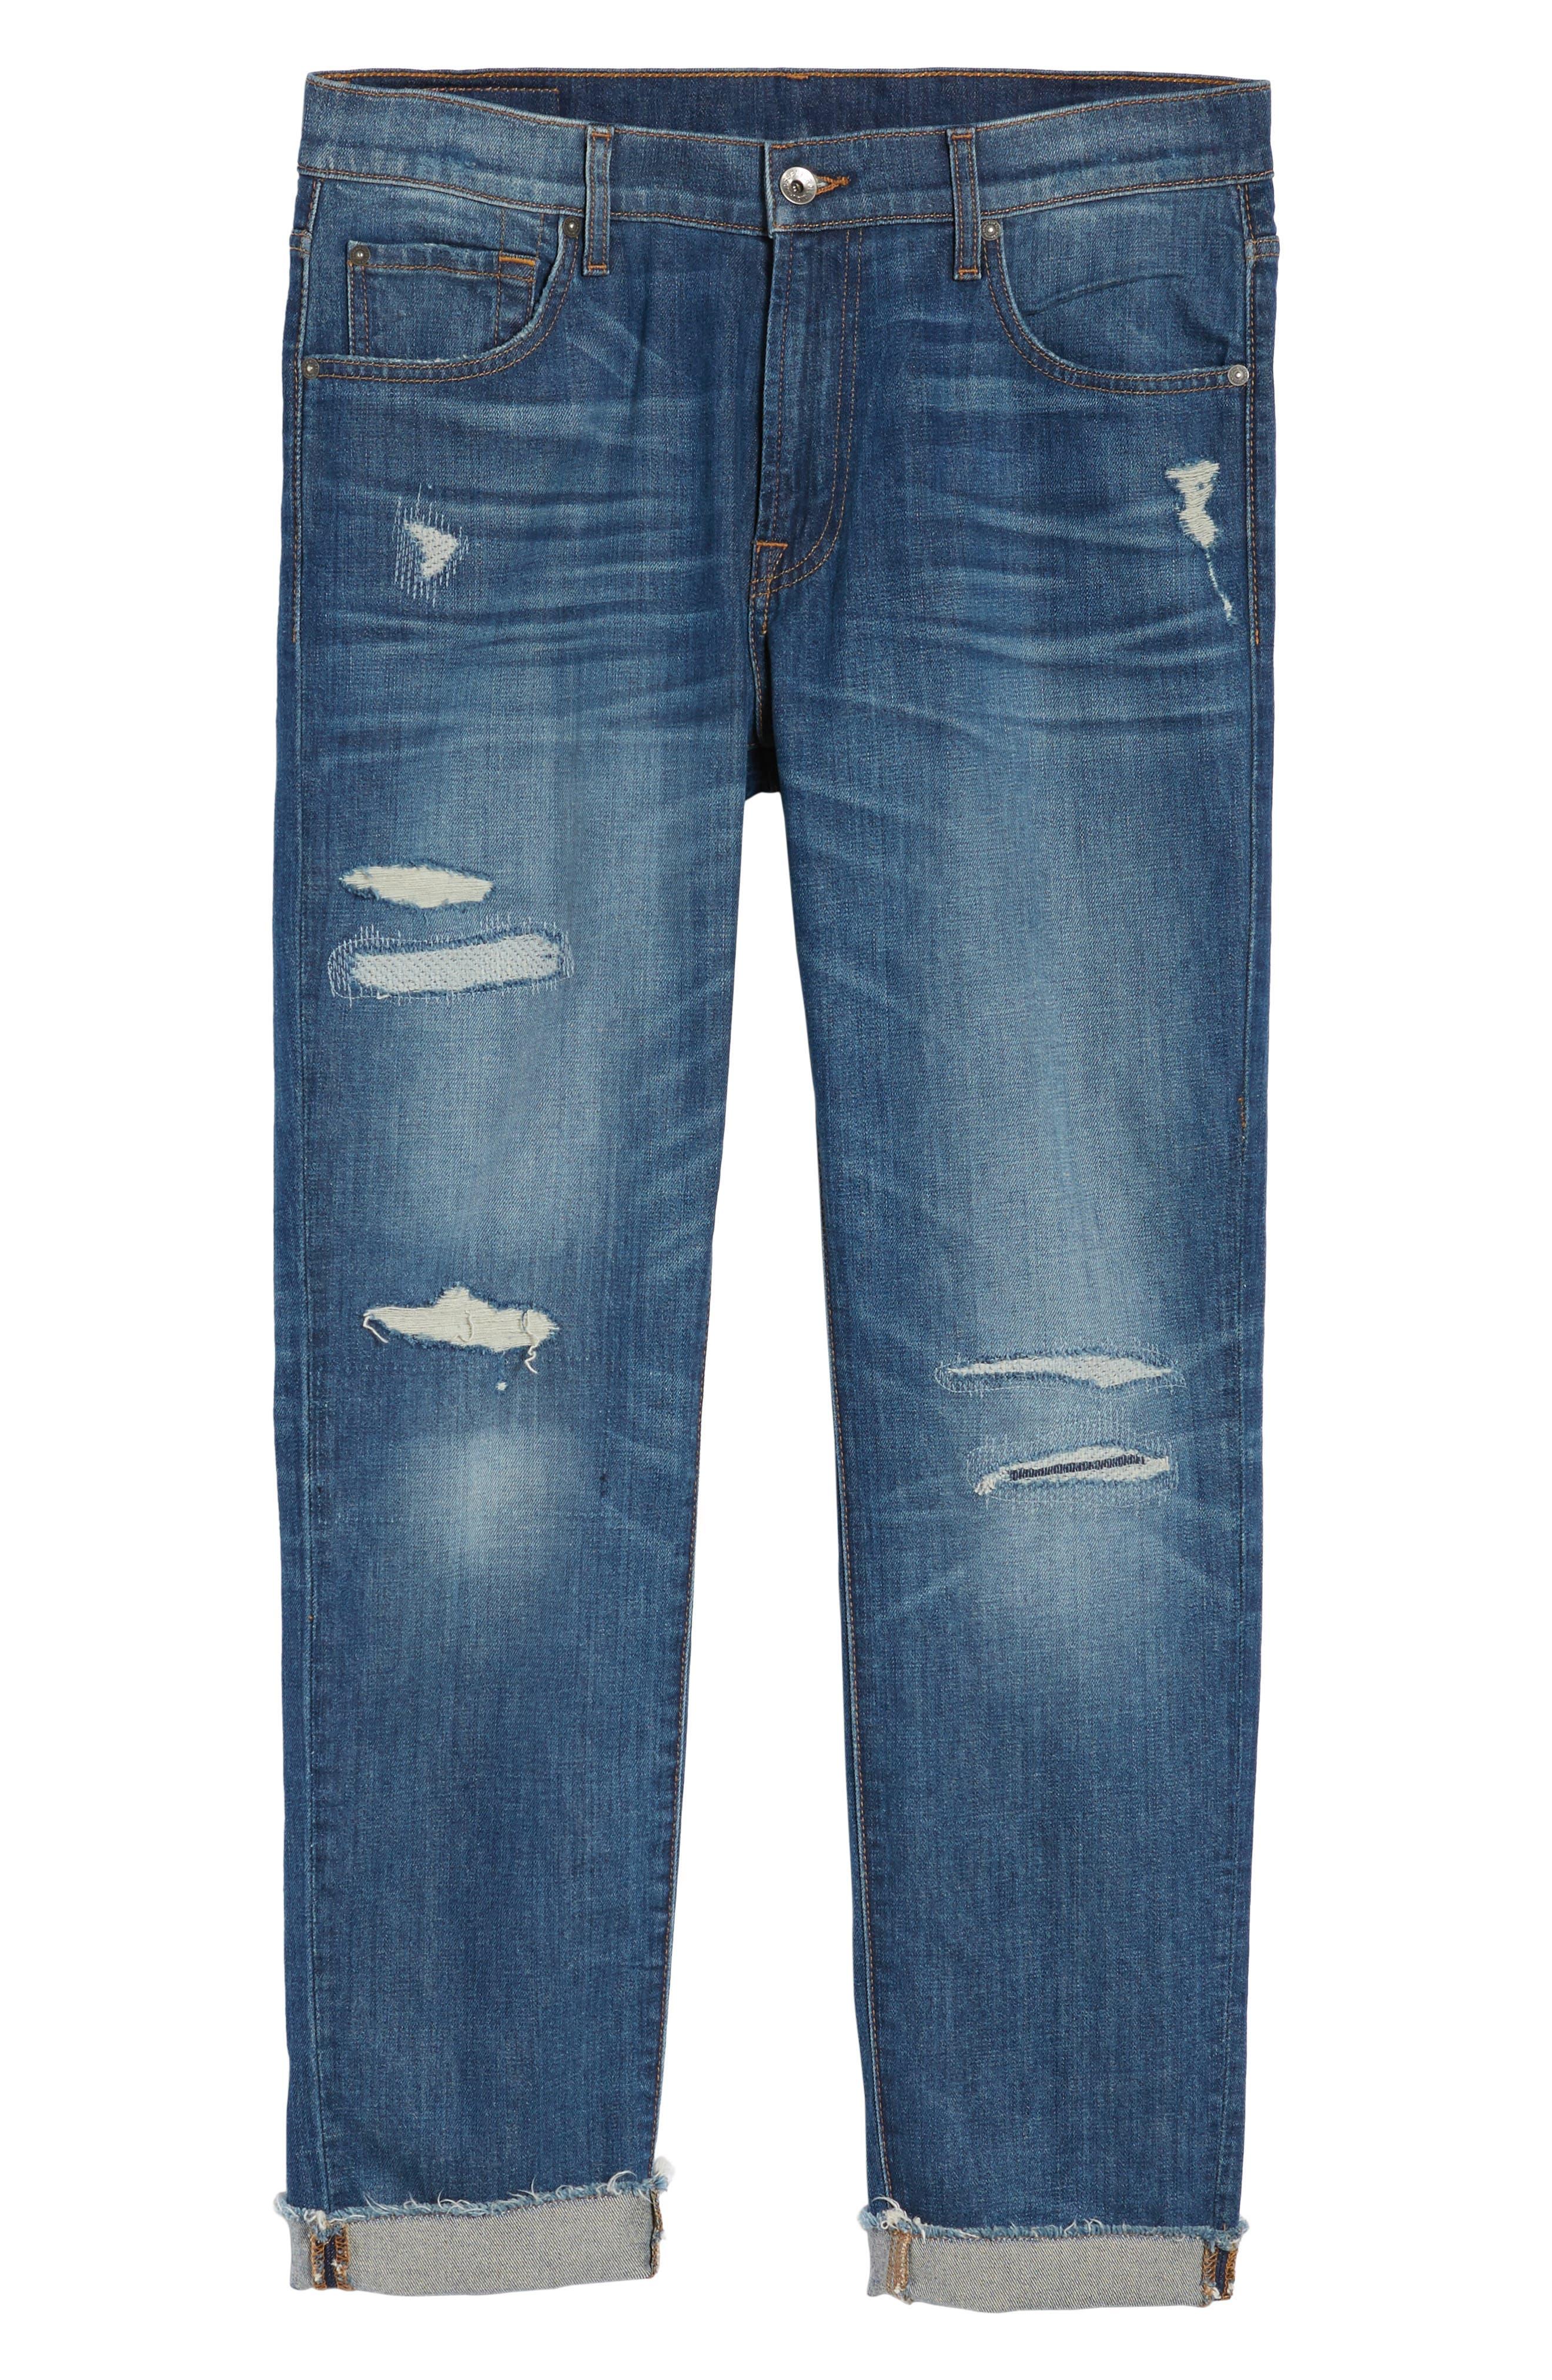 Adrien Slim Fit Jeans,                             Alternate thumbnail 6, color,                             403